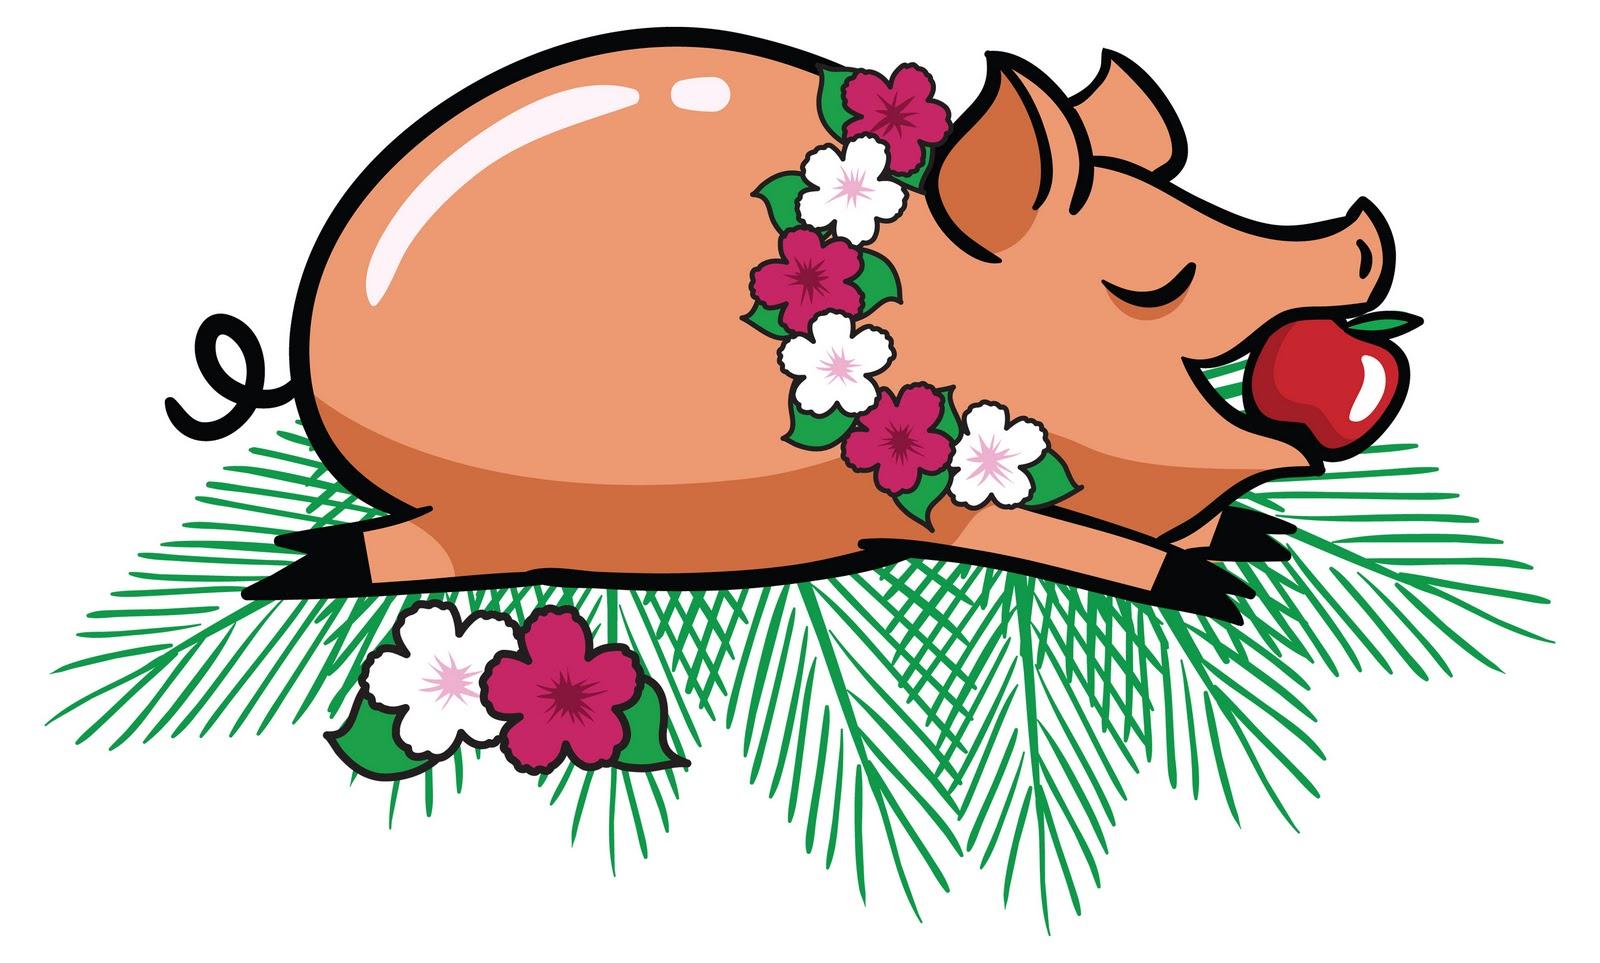 Roast pork clipart #6